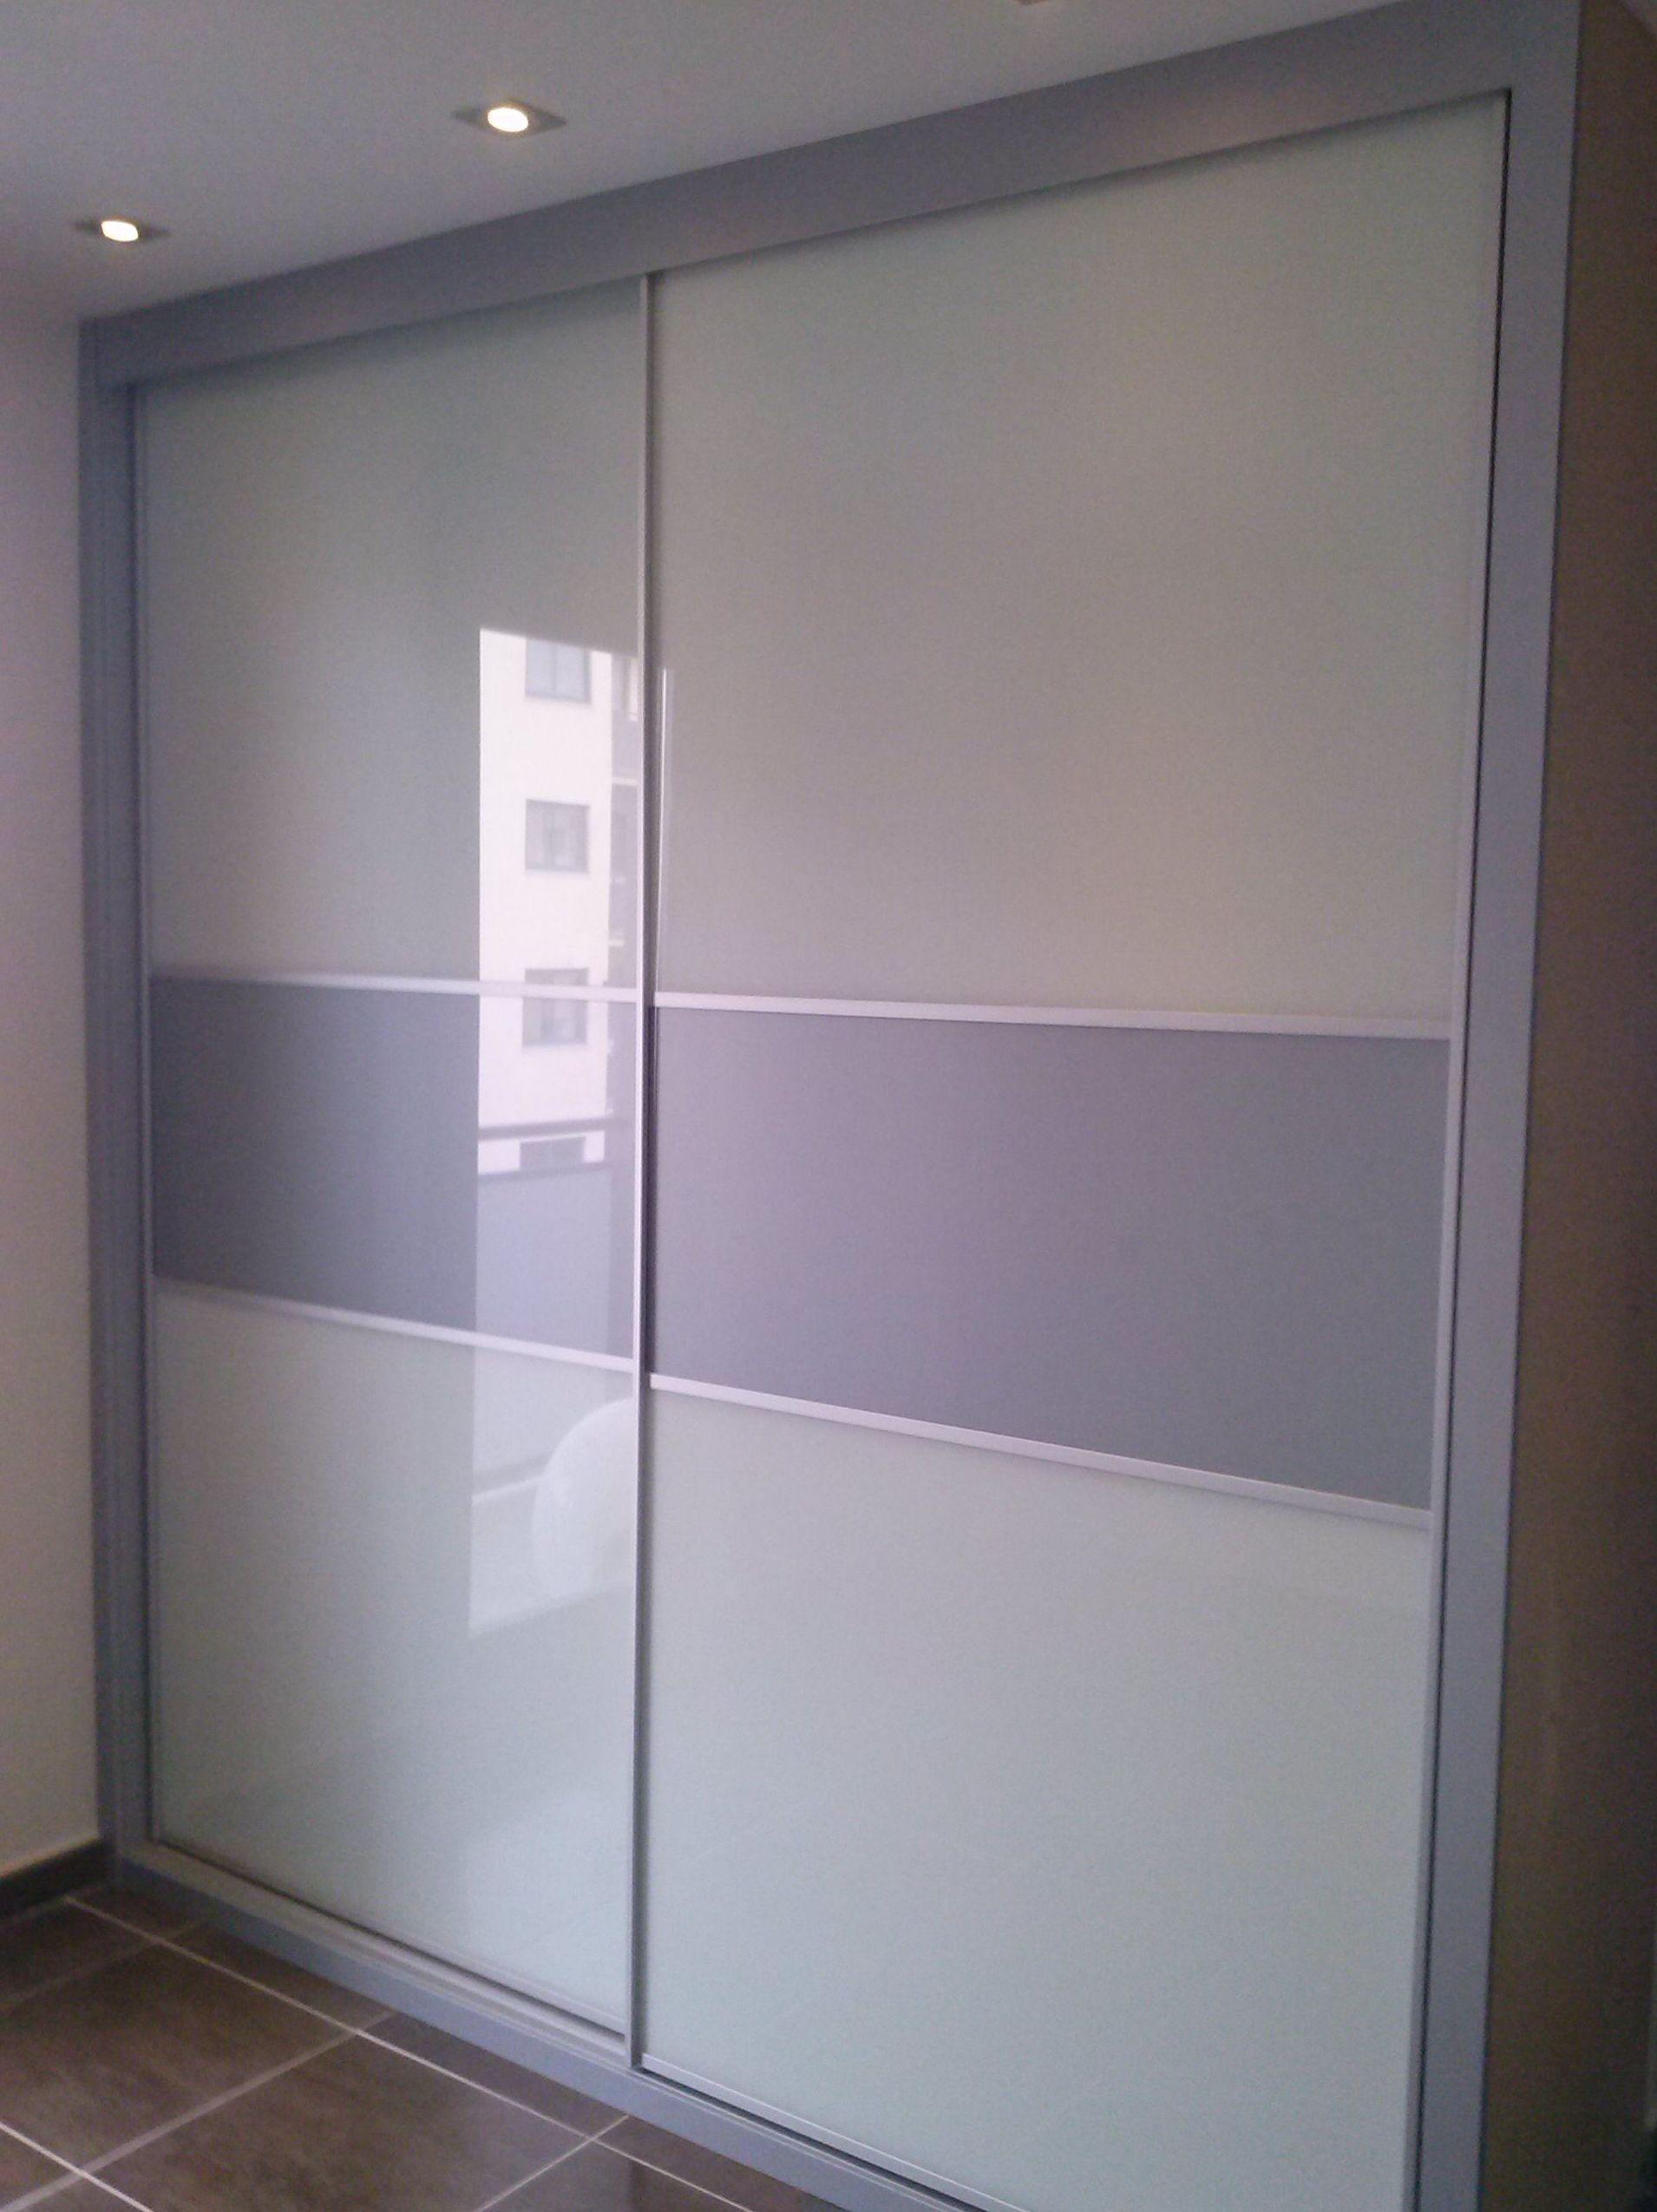 Puertas armarios empotrados cristal materiales de - Puertas correderas para armarios empotrados ikea ...